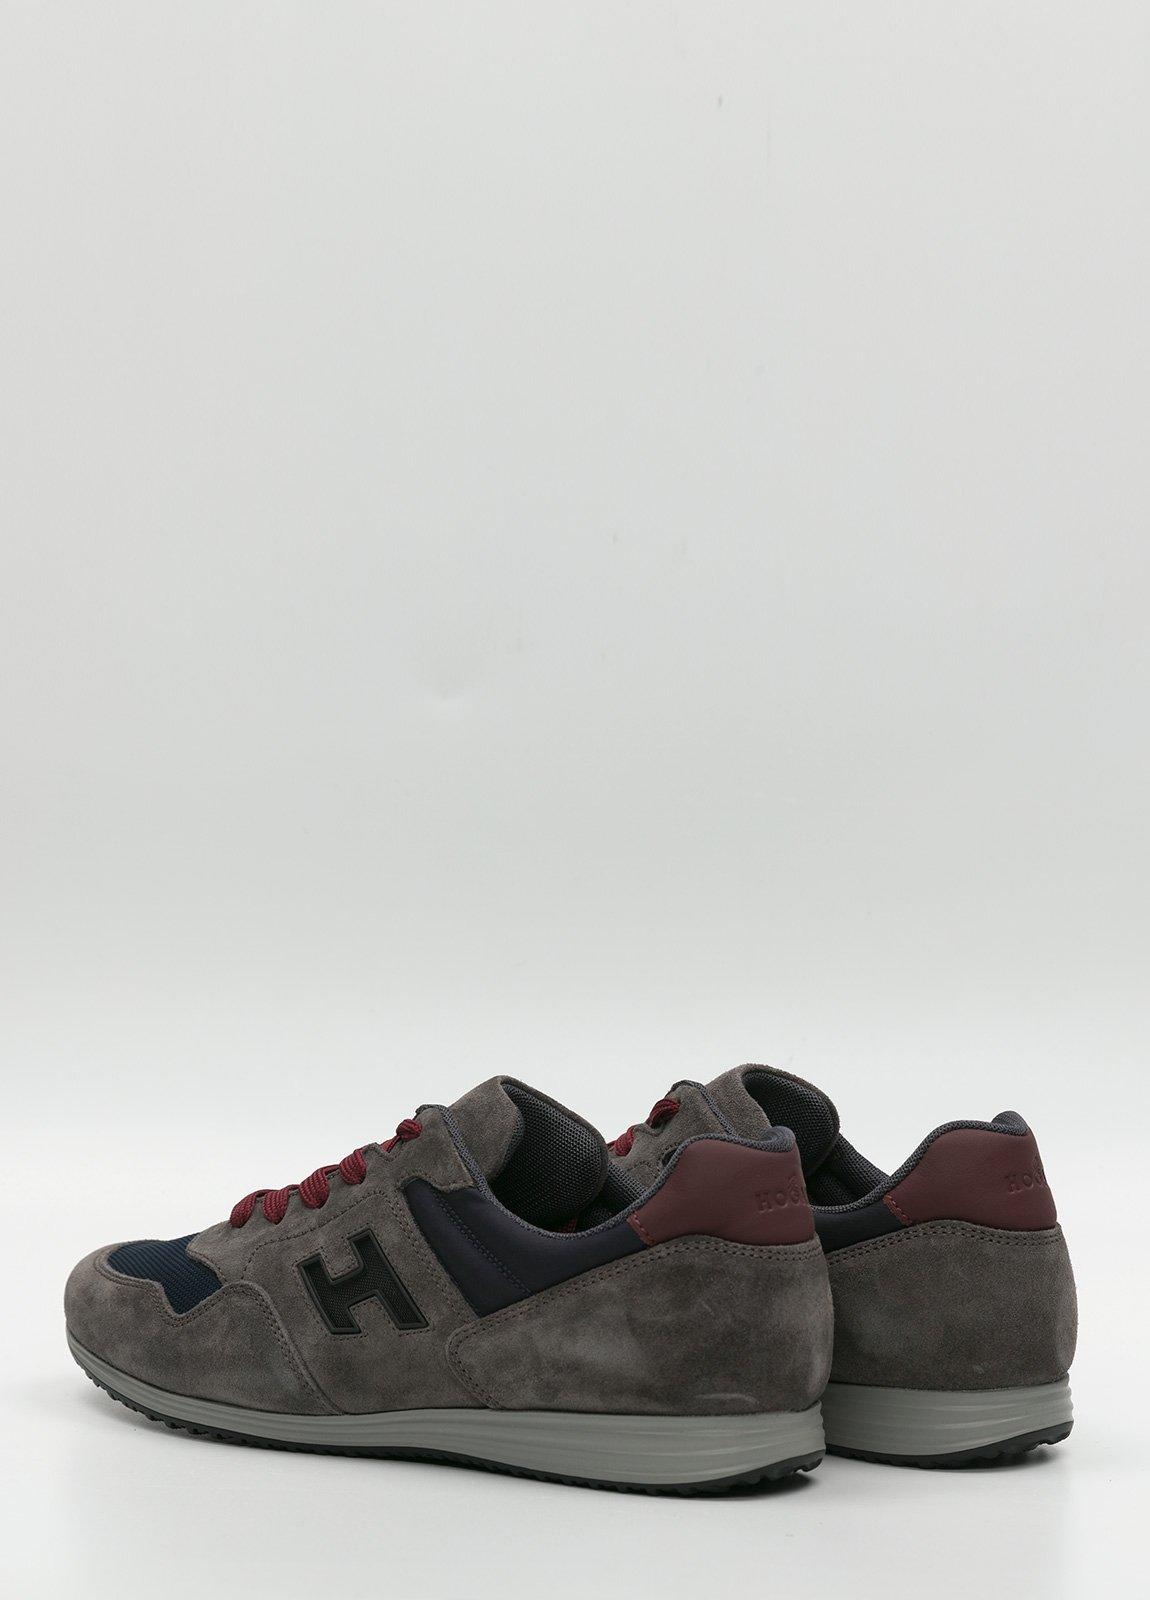 Calzado sport color gris y azul. Combinación de piel, ante y tejido técnico - Ítem1